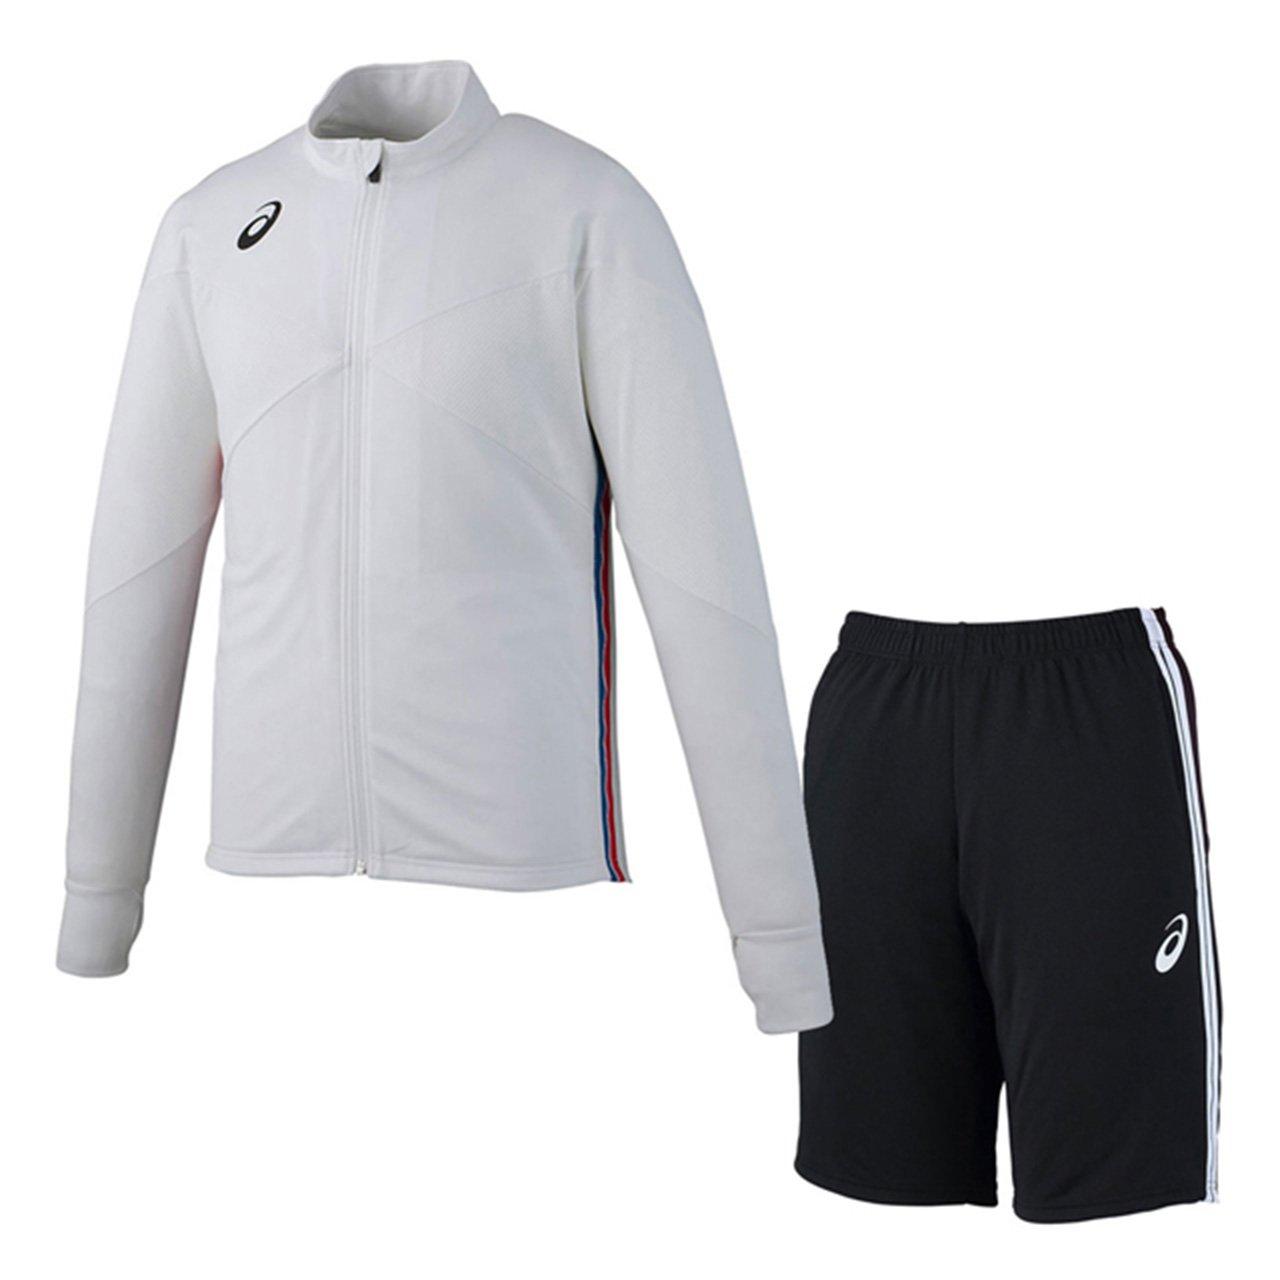 アシックス(asics) トレーニングジャケット&トレーニングハーフパンツ 上下セット(ホワイト/ブラック) XST181-01-XST282-90 B079WTQQRD L|ホワイト/ブラック ホワイト/ブラック L